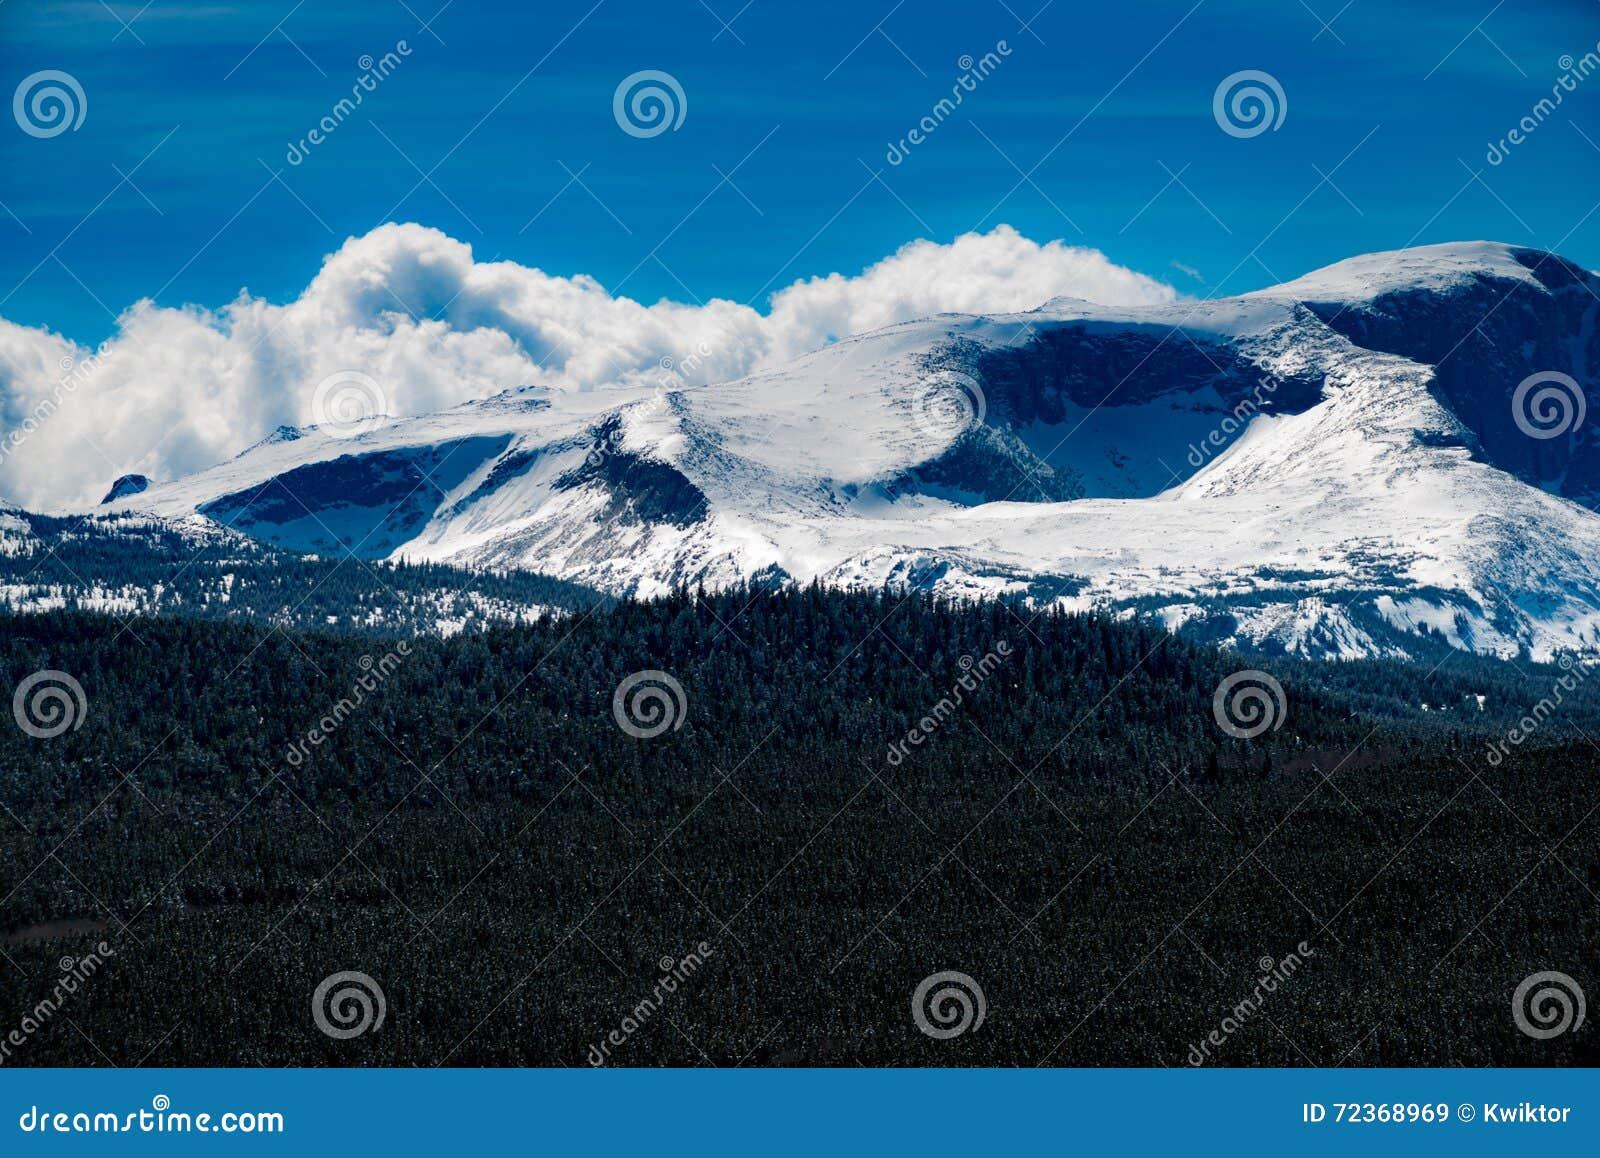 比格霍恩山脉怀俄明